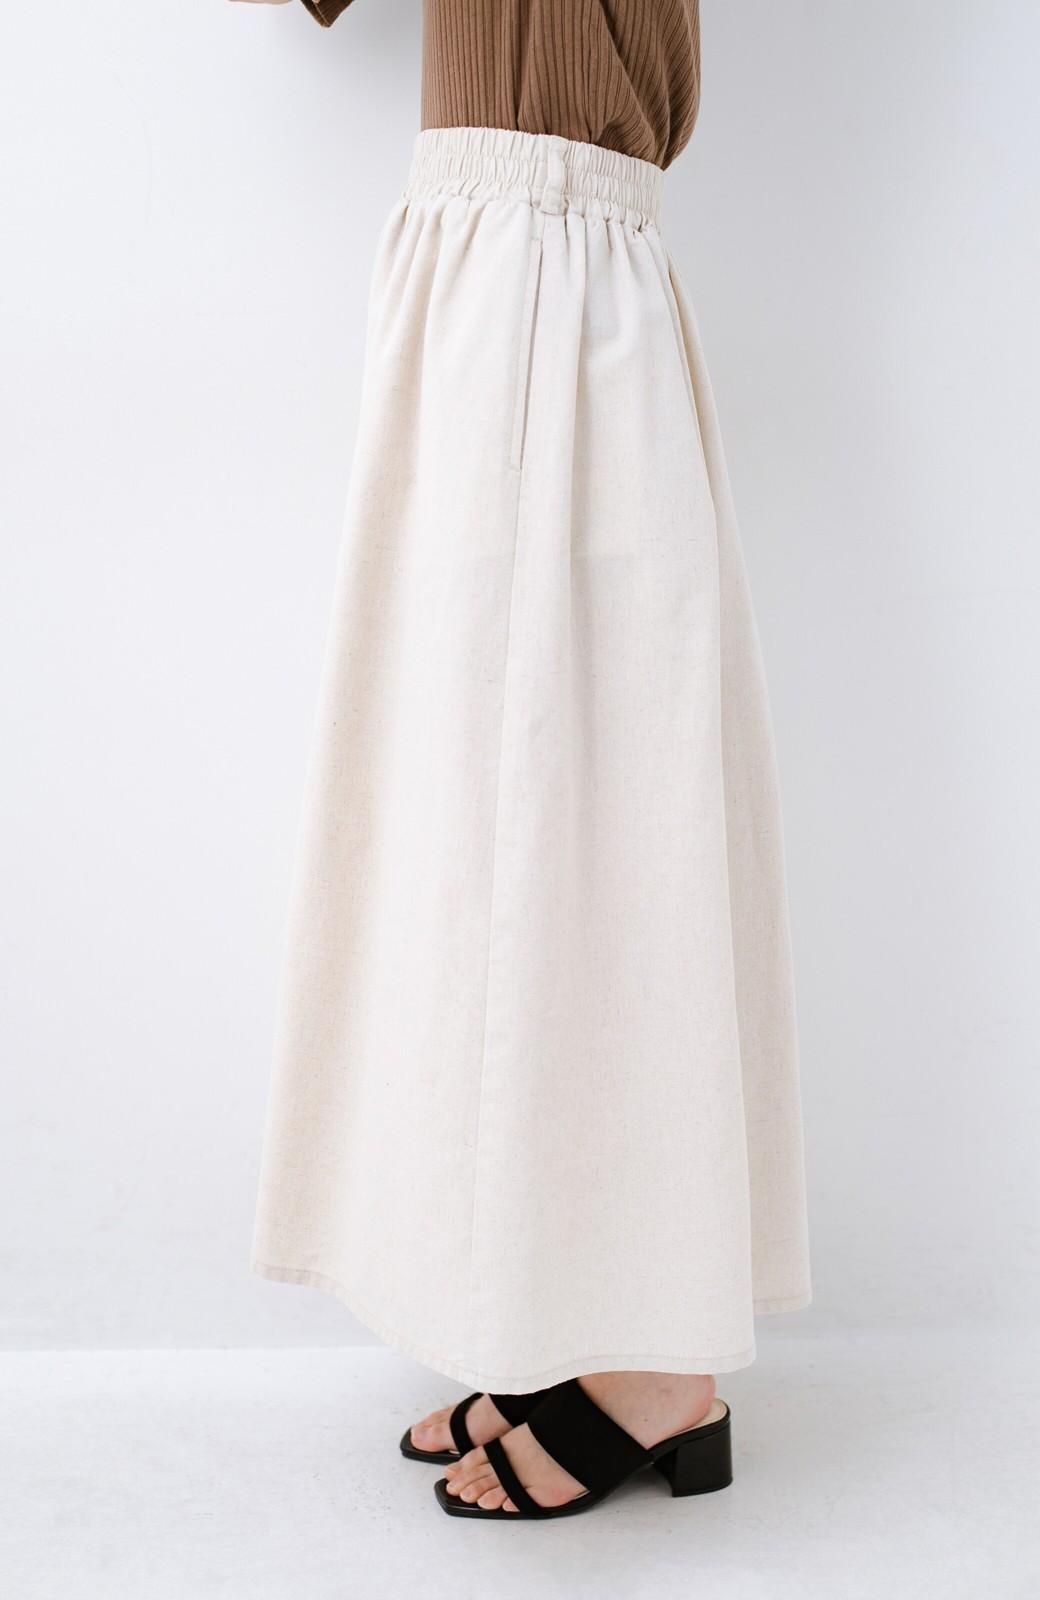 haco! 楽してスタイルが決まる 涼やか麻混スカート <ベージュ>の商品写真8